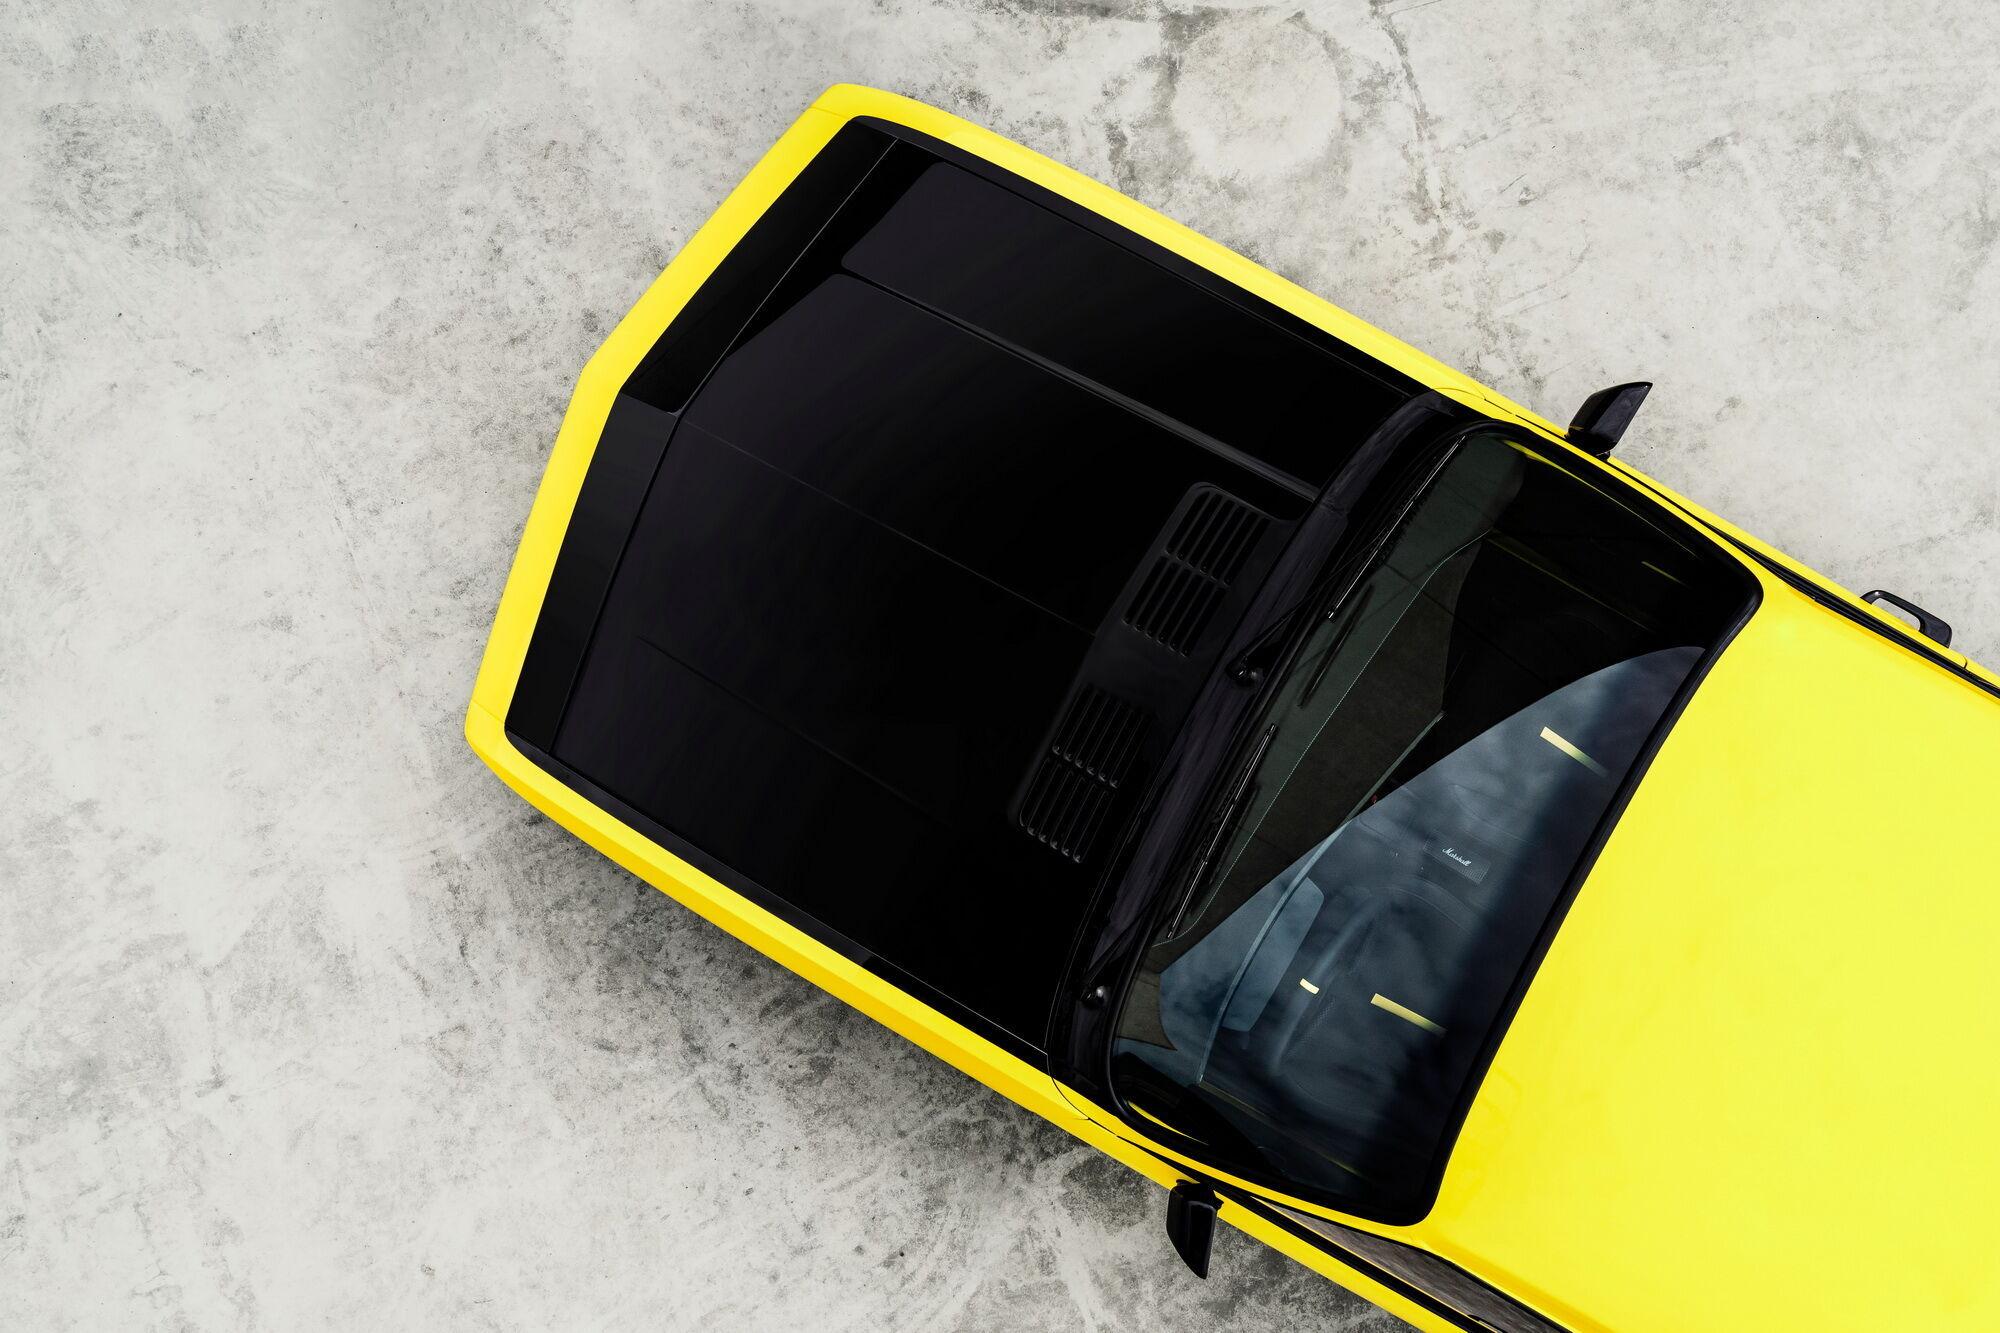 Связь поколений подчеркивает и характерная ярко-желтая окраска с черным капотом